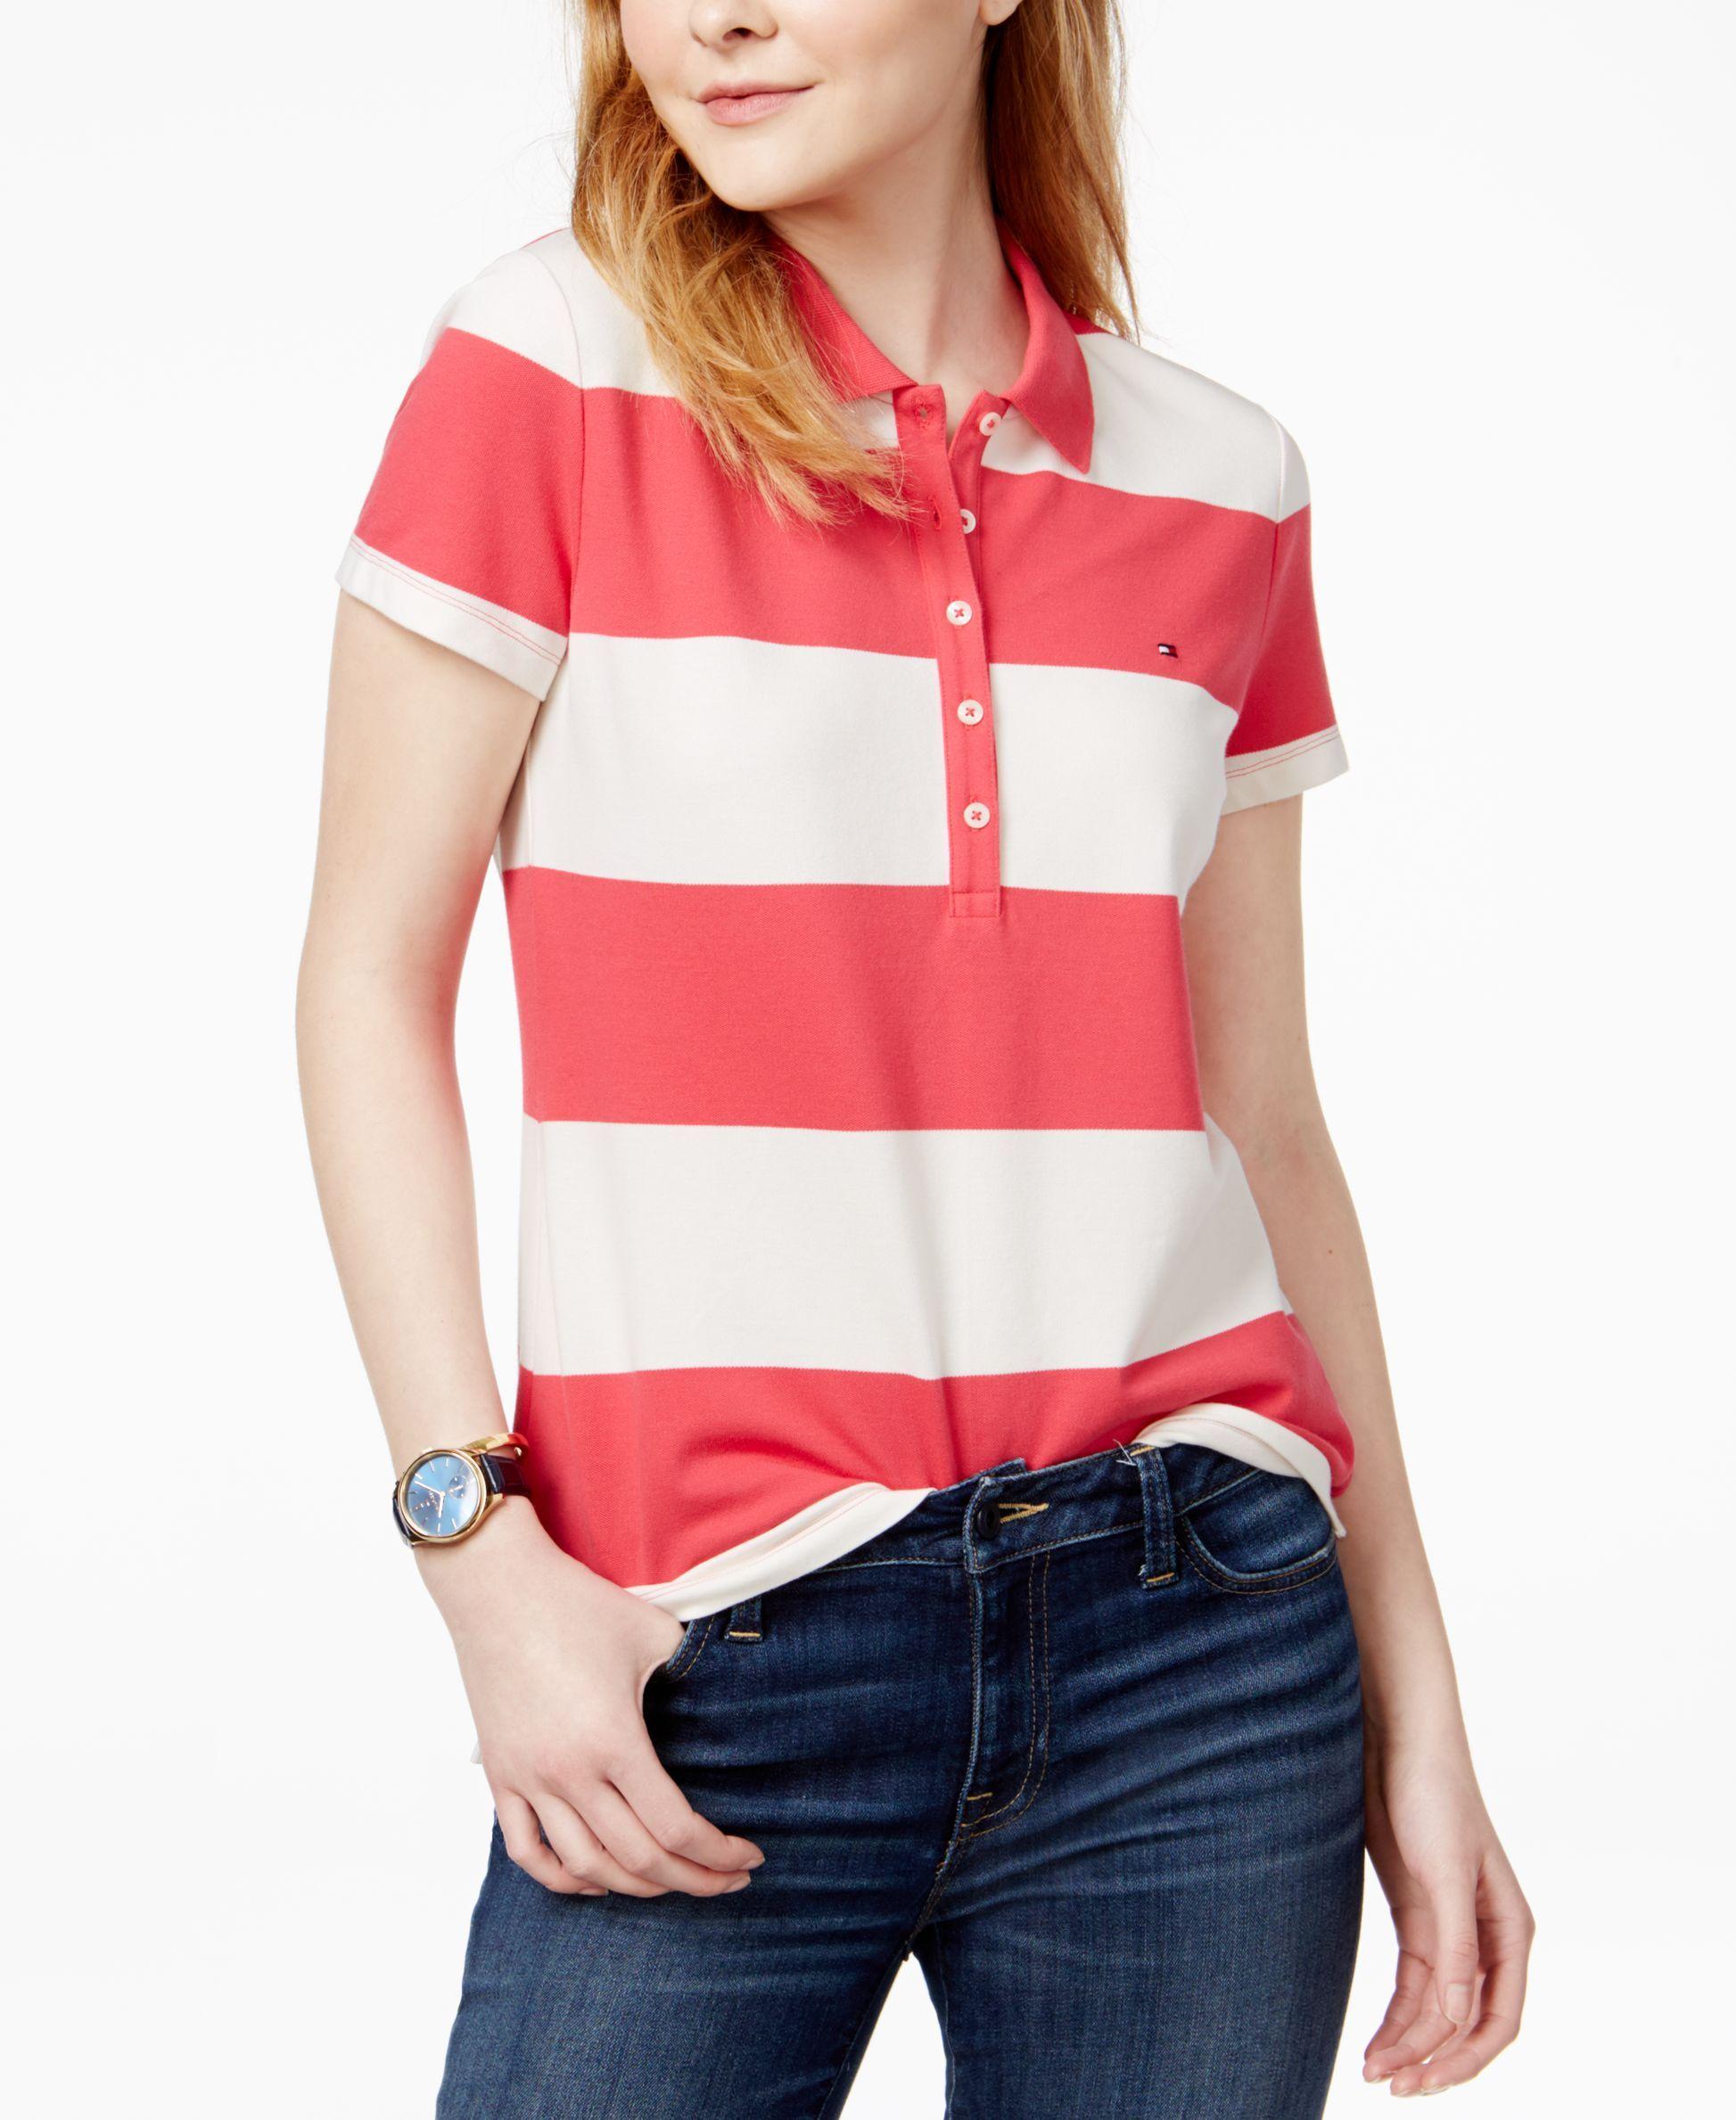 1beaa5ecbbb5 Striped Polo Tee Macys